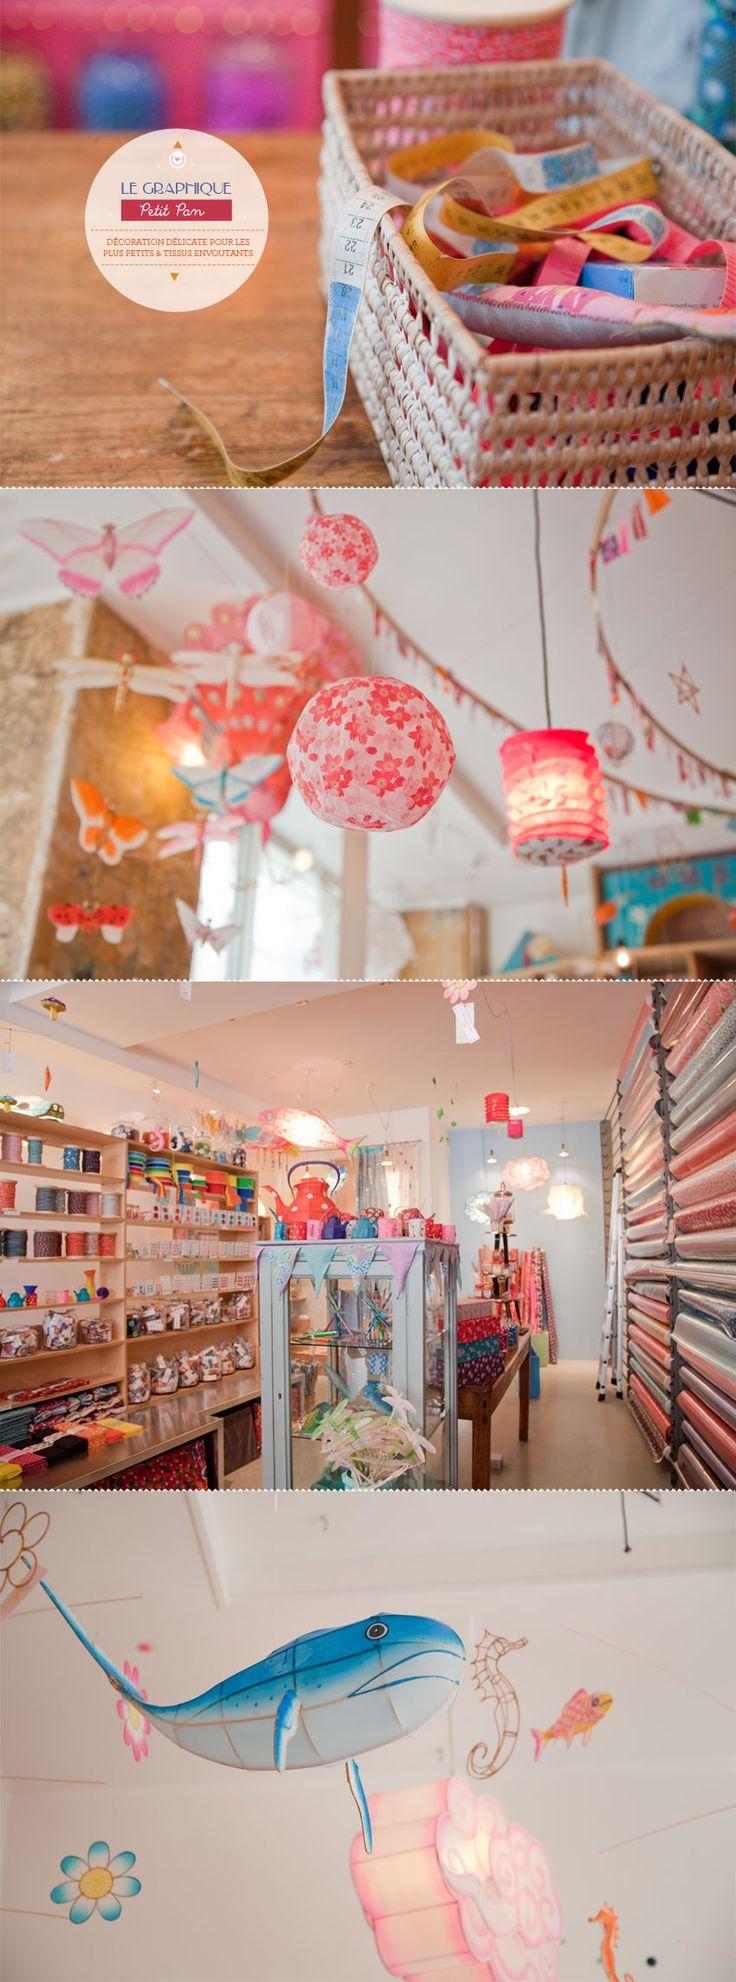 Petit Pan  39 & 76 rue François Miron  75004 Paris ( autres points de vente sur le site)